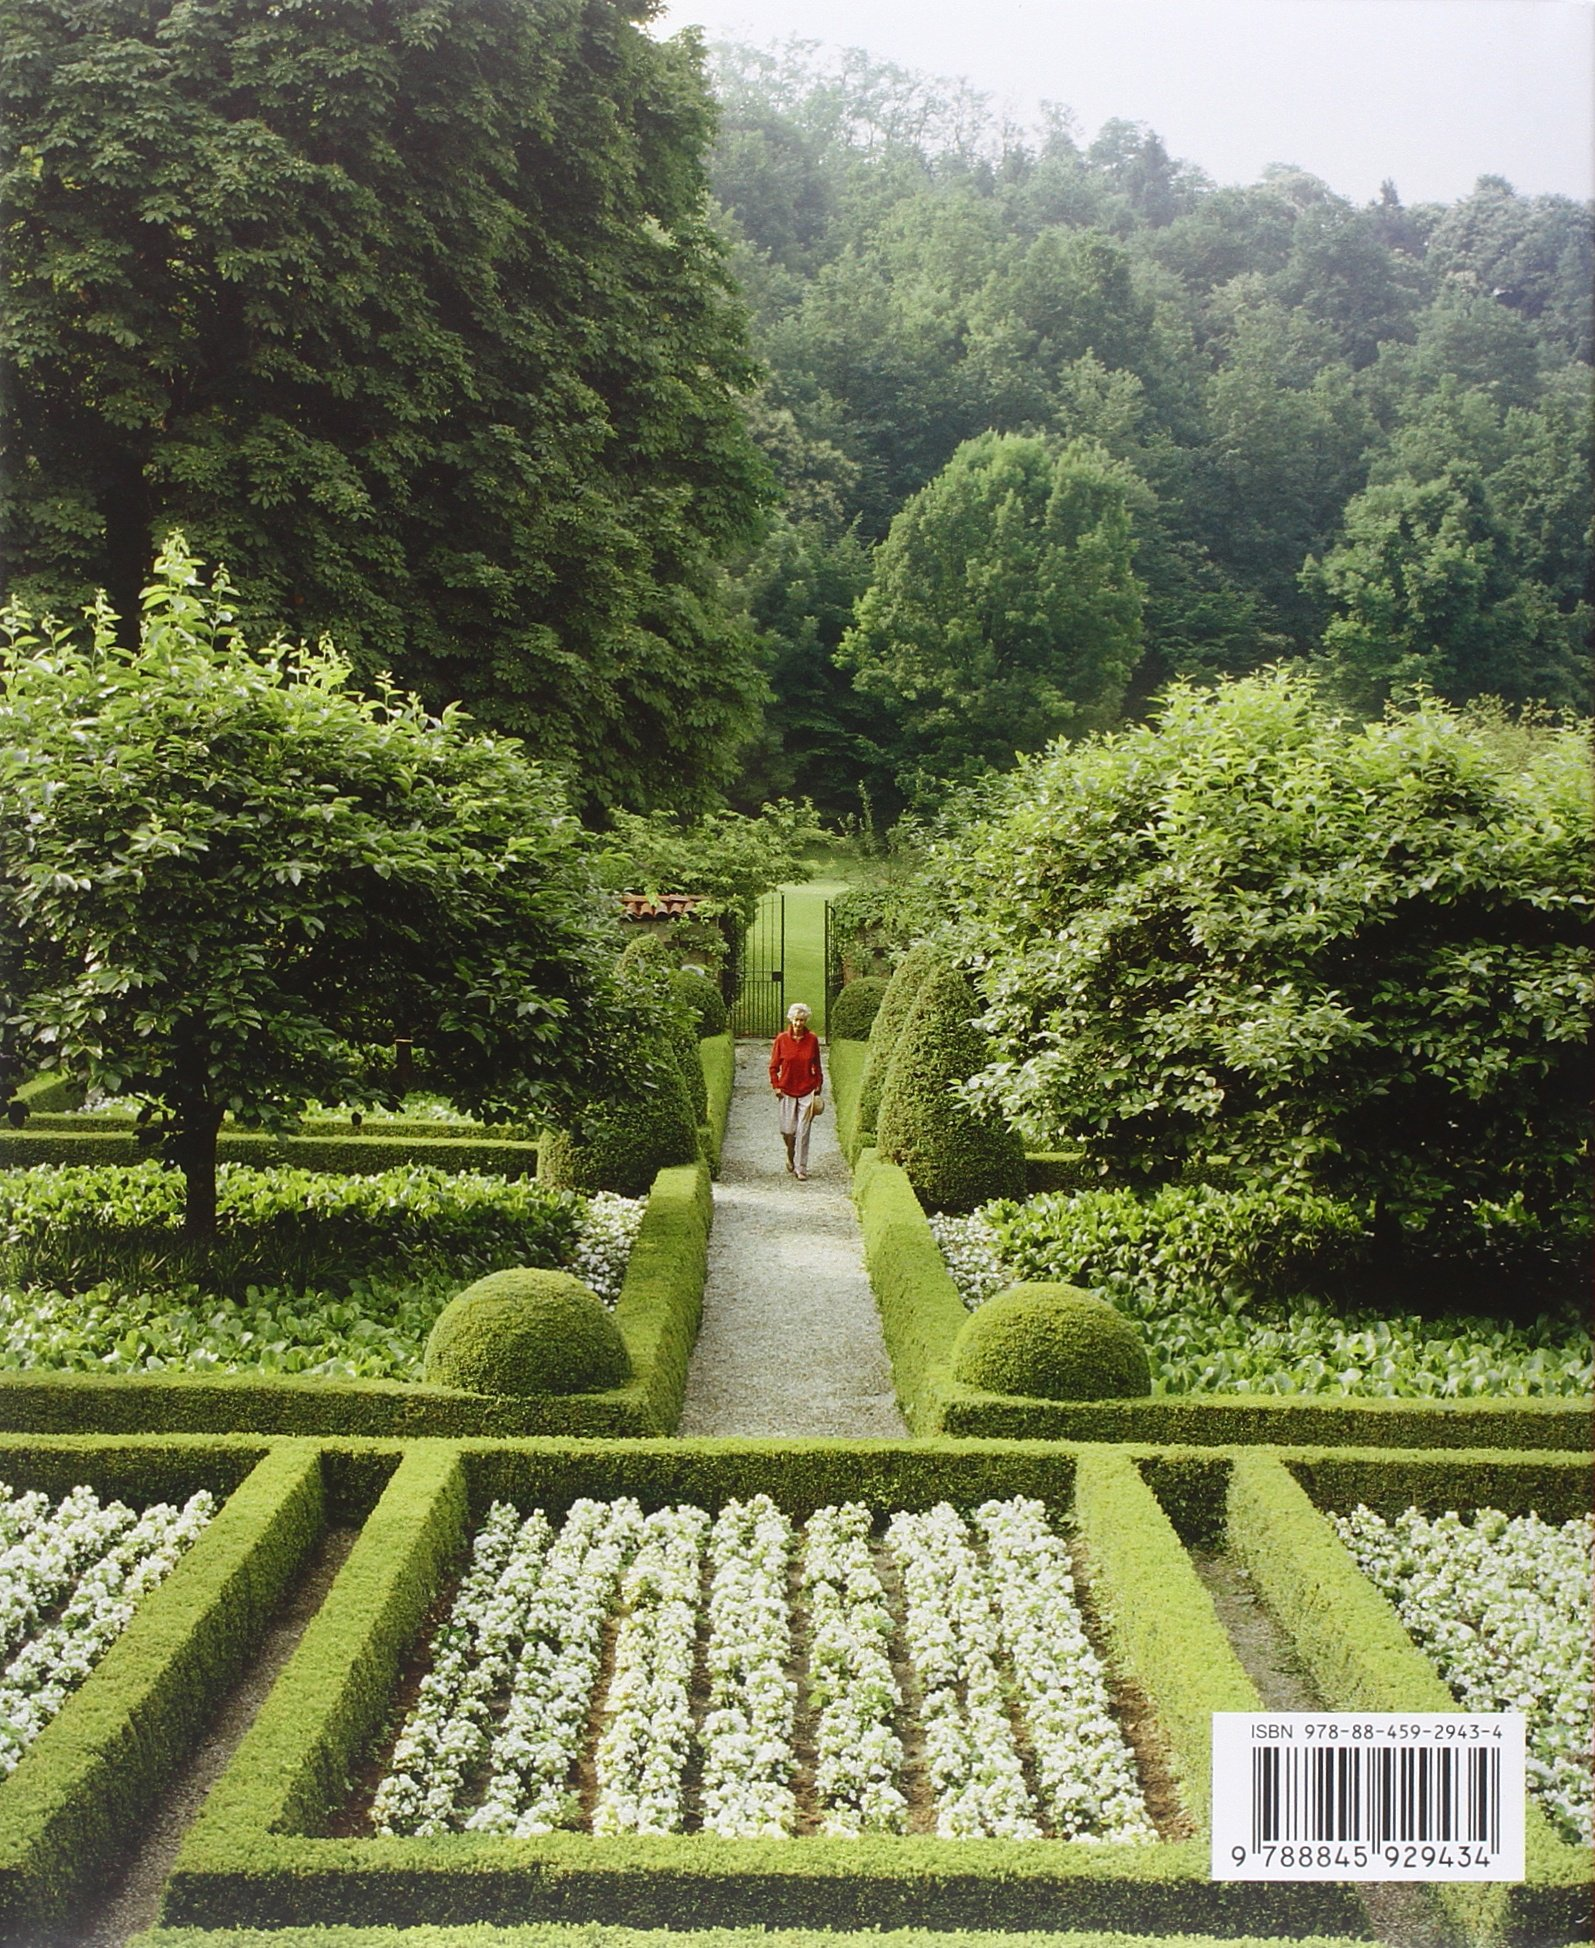 Amazon.it Ho coltivato il mio giardino. Ediz. illustrata , Marella Agnelli  , Libri